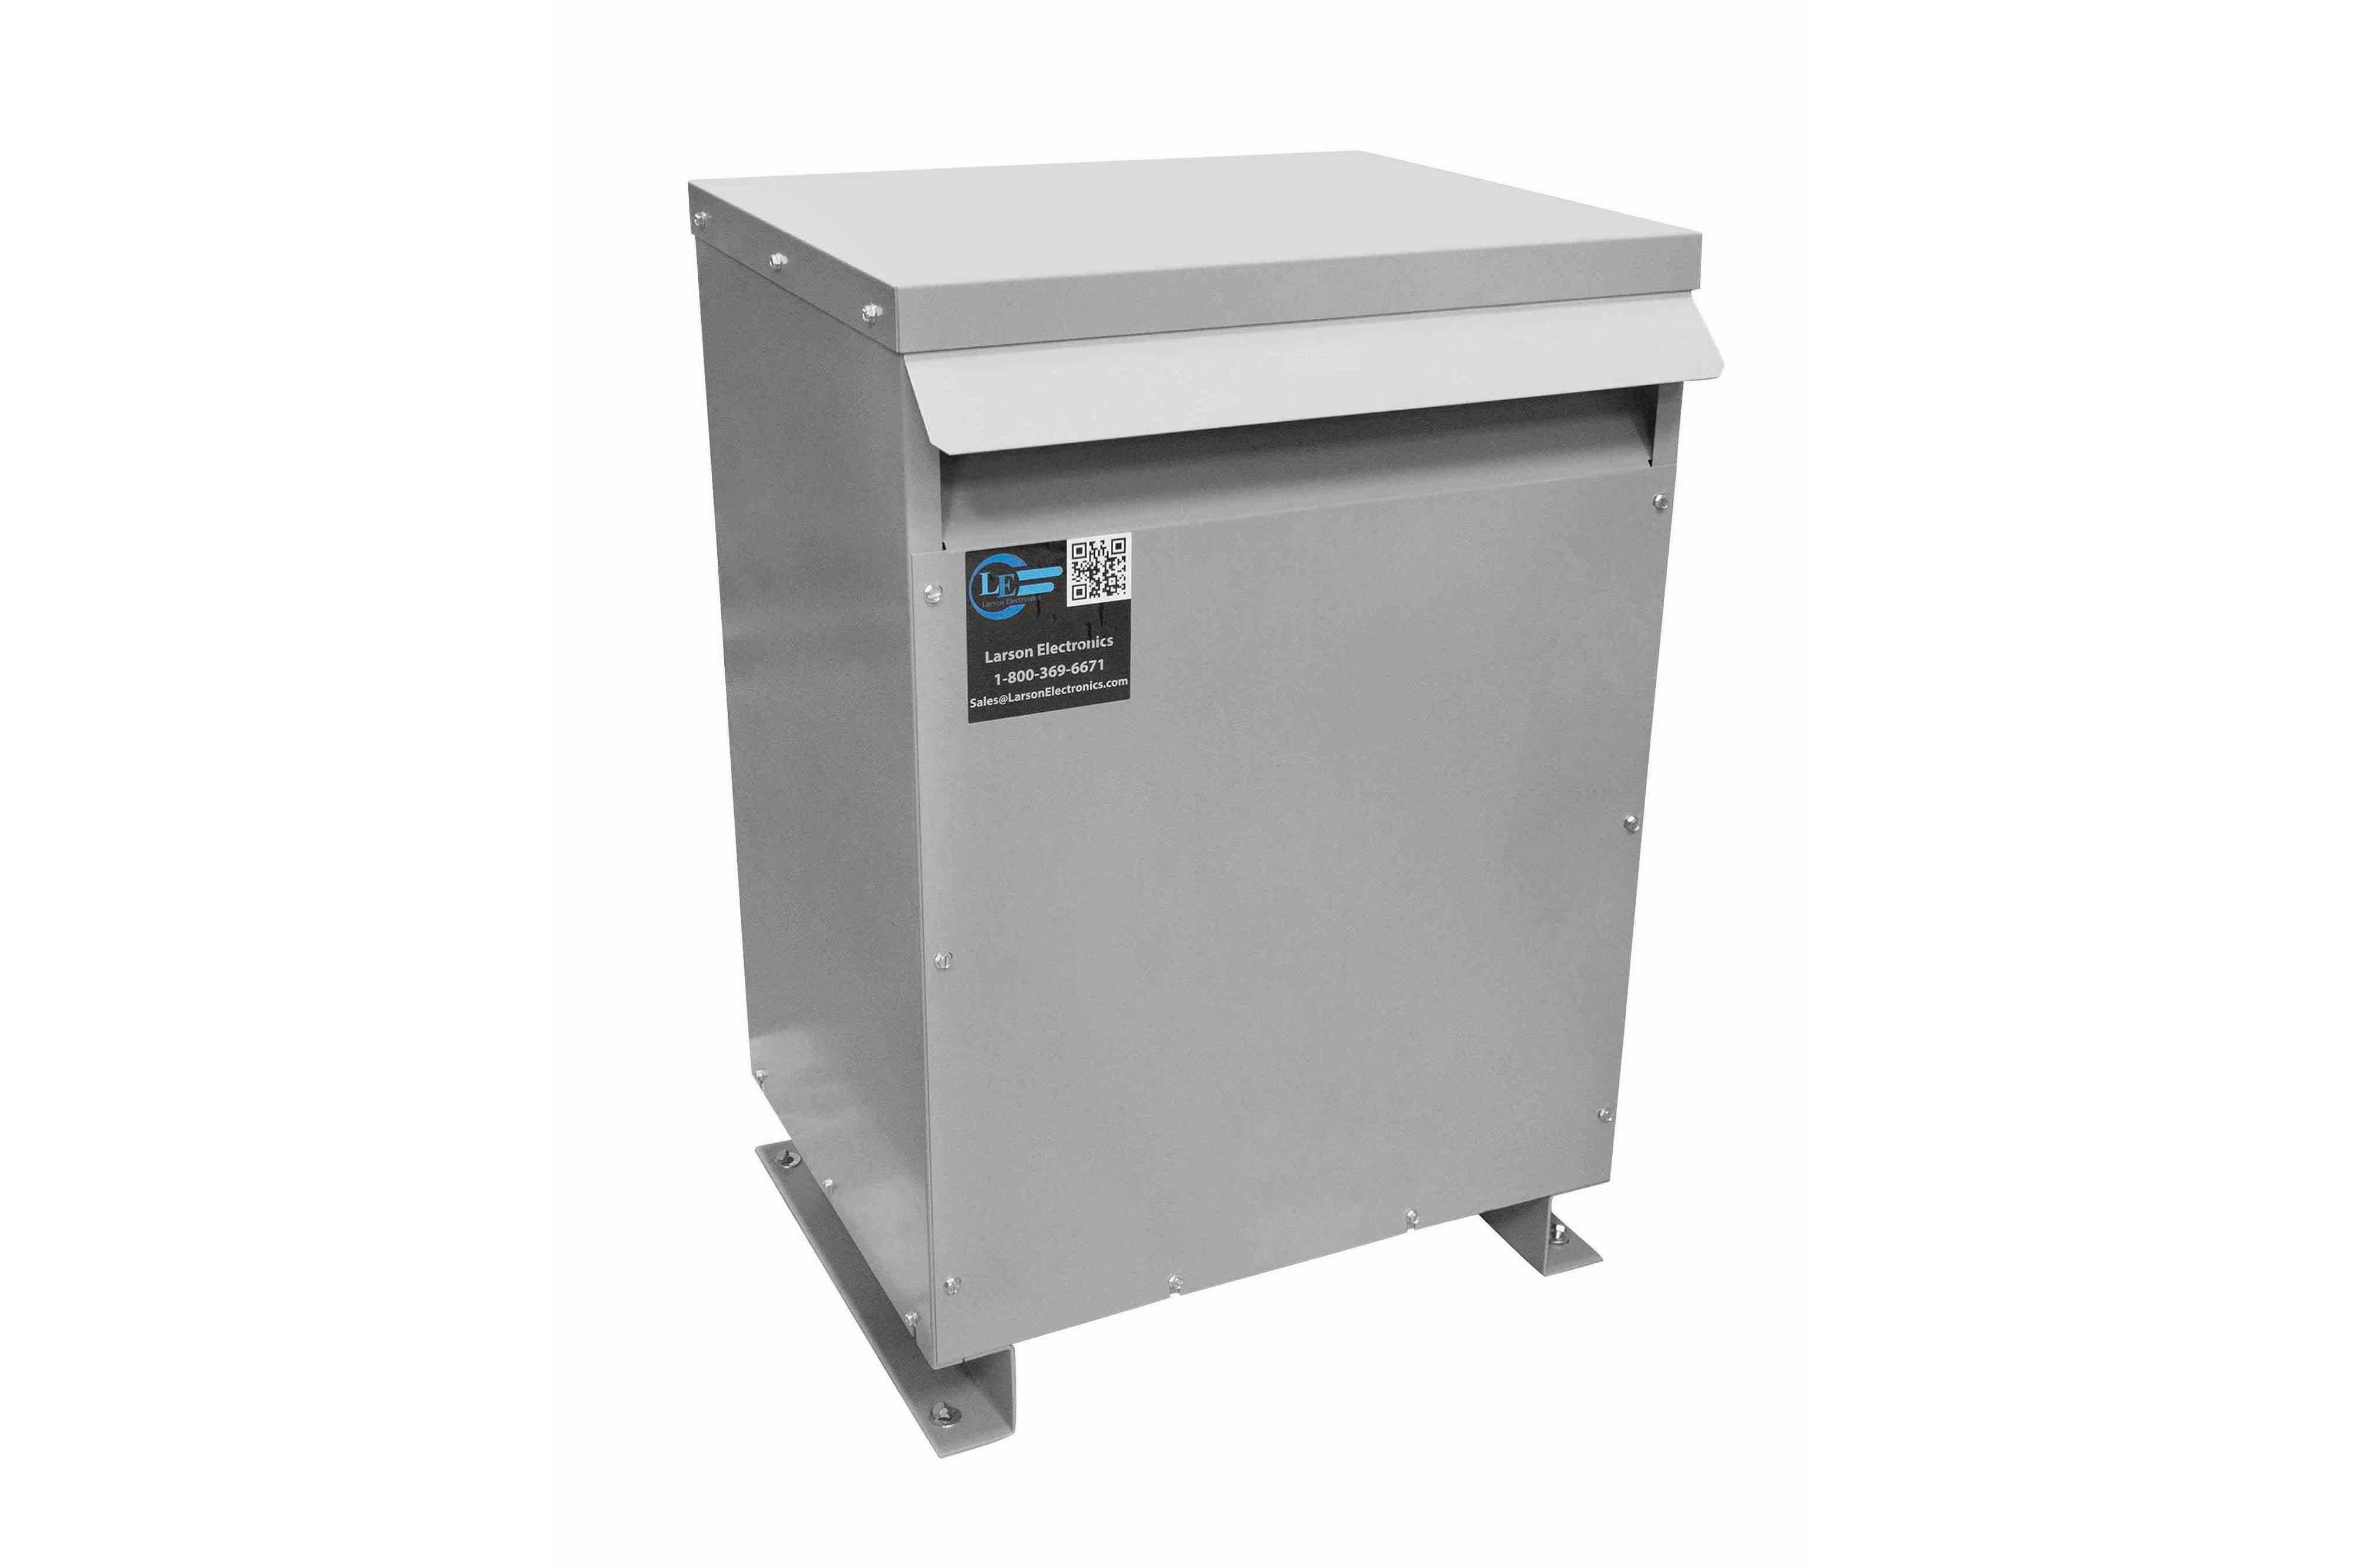 70 kVA 3PH Isolation Transformer, 575V Delta Primary, 208V Delta Secondary, N3R, Ventilated, 60 Hz